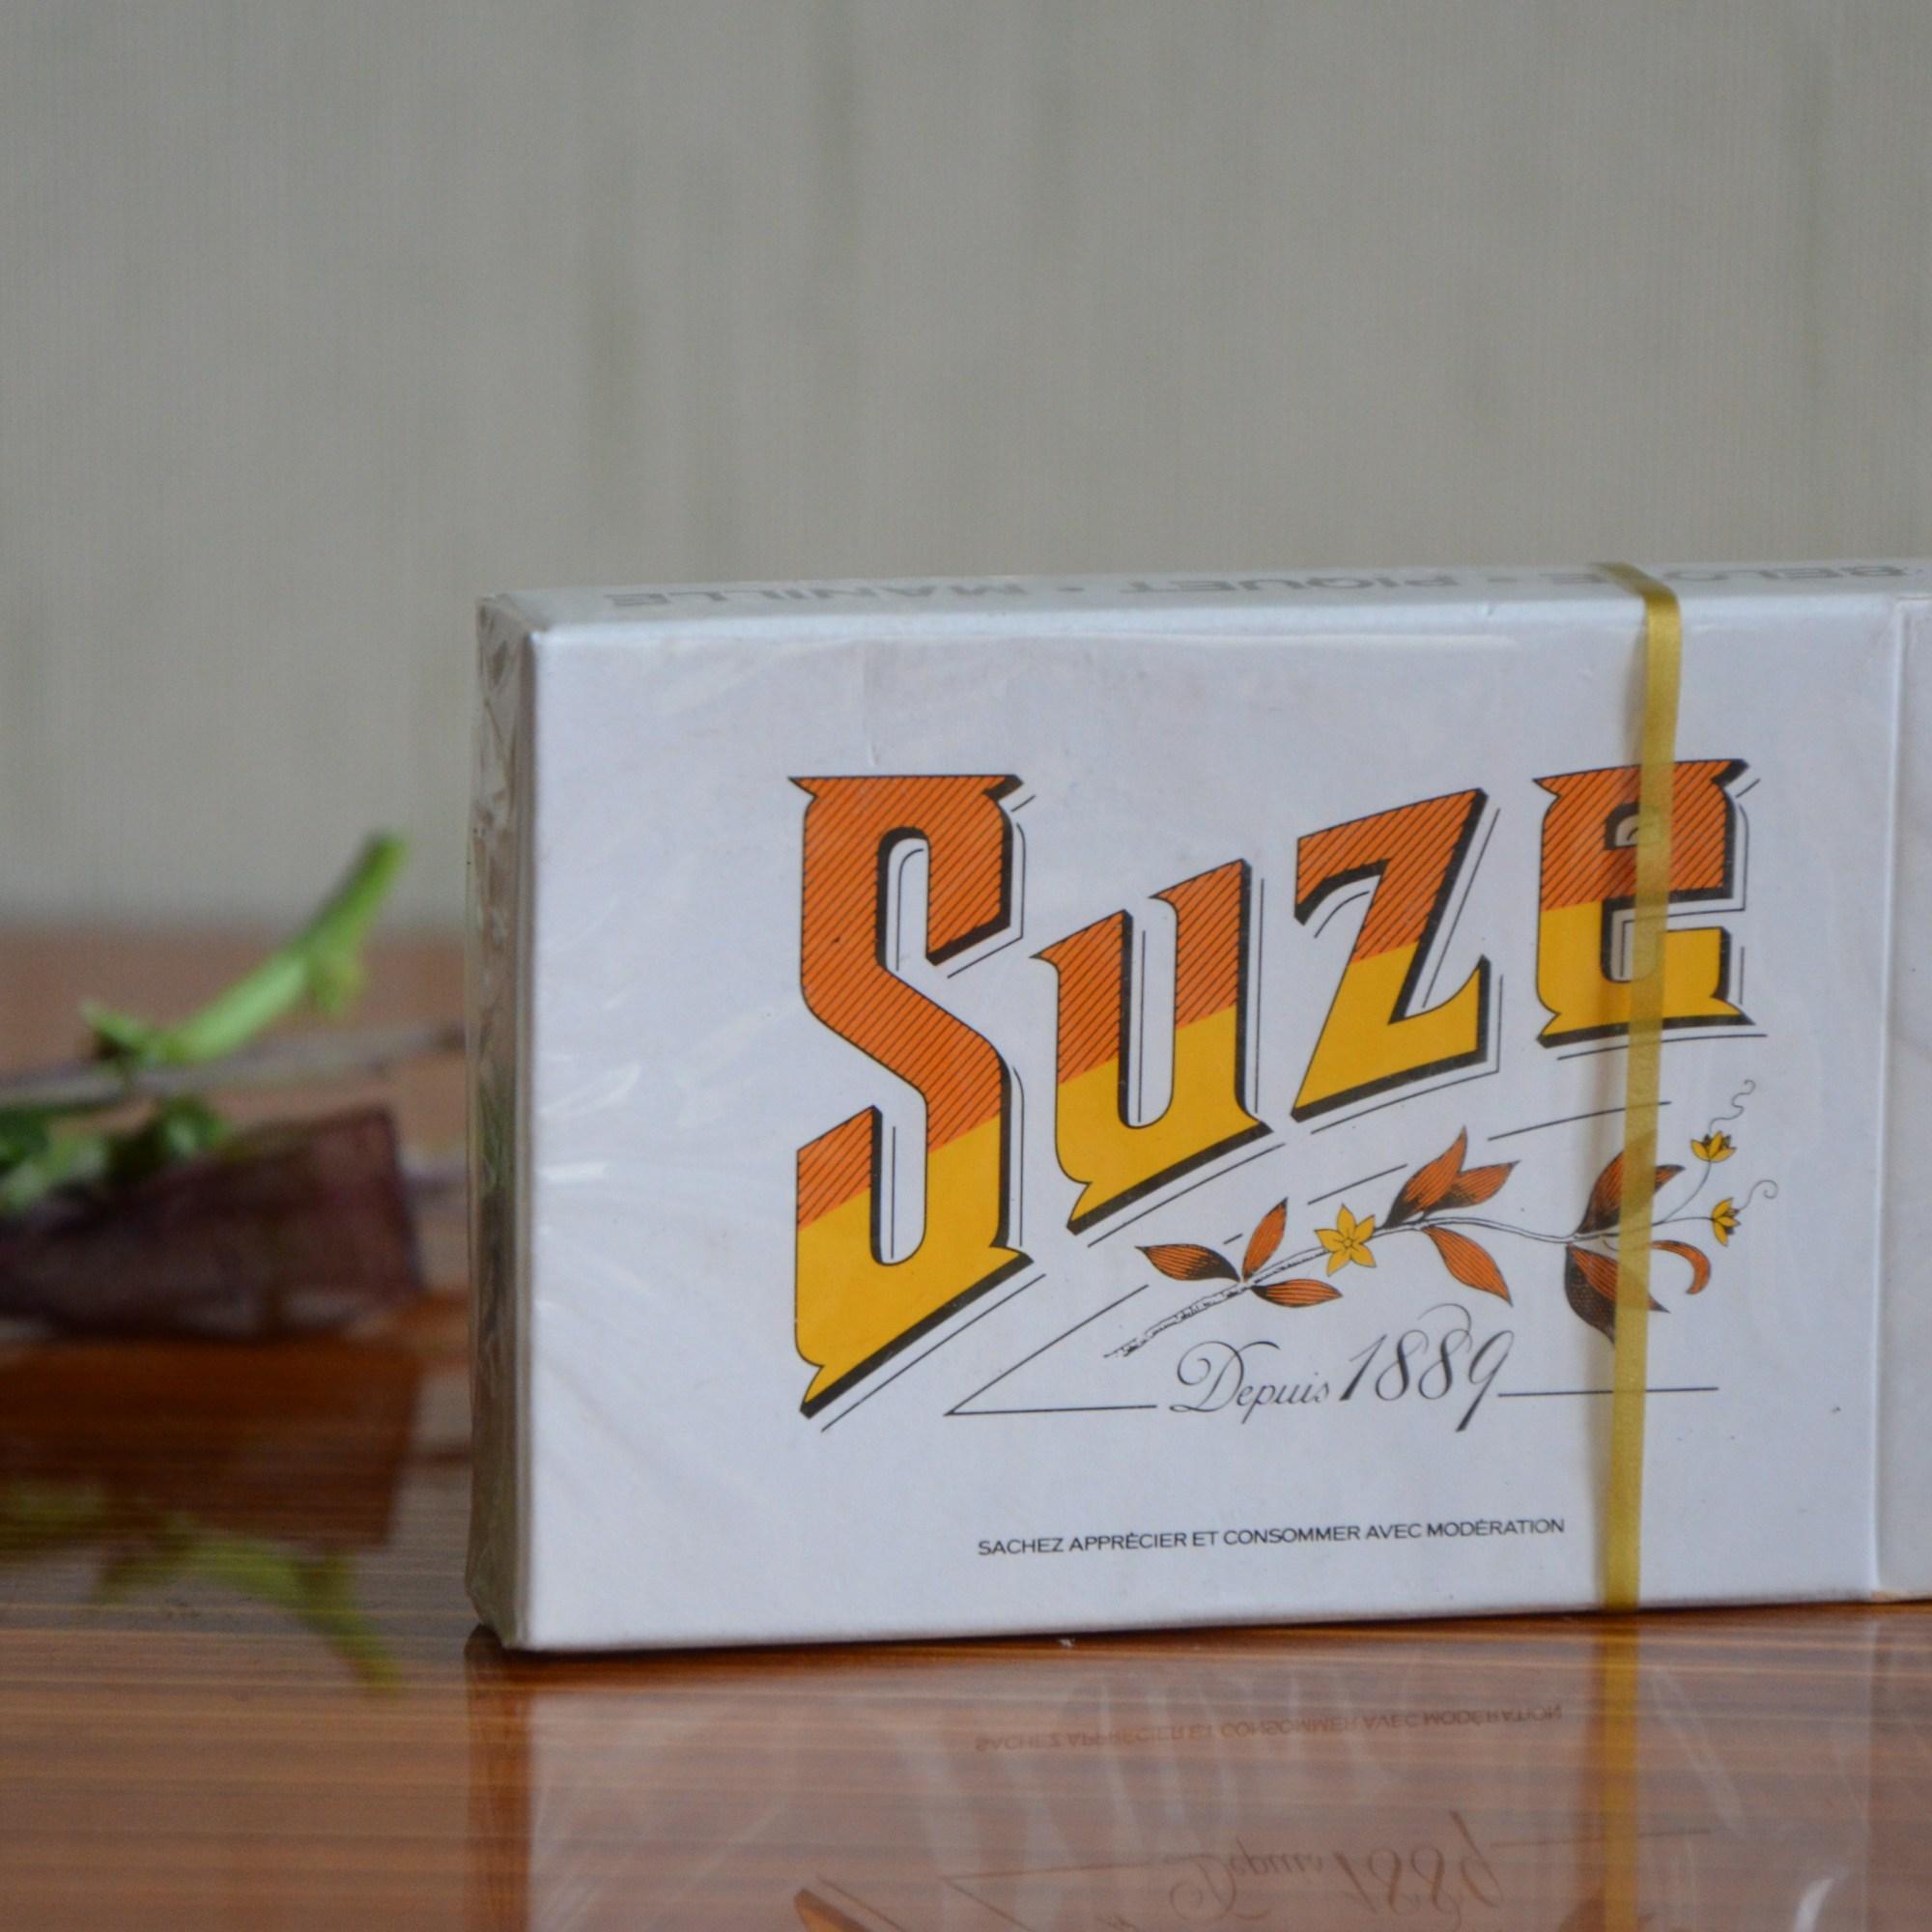 Jeu de cartes publicitaire de l'alccol Suze